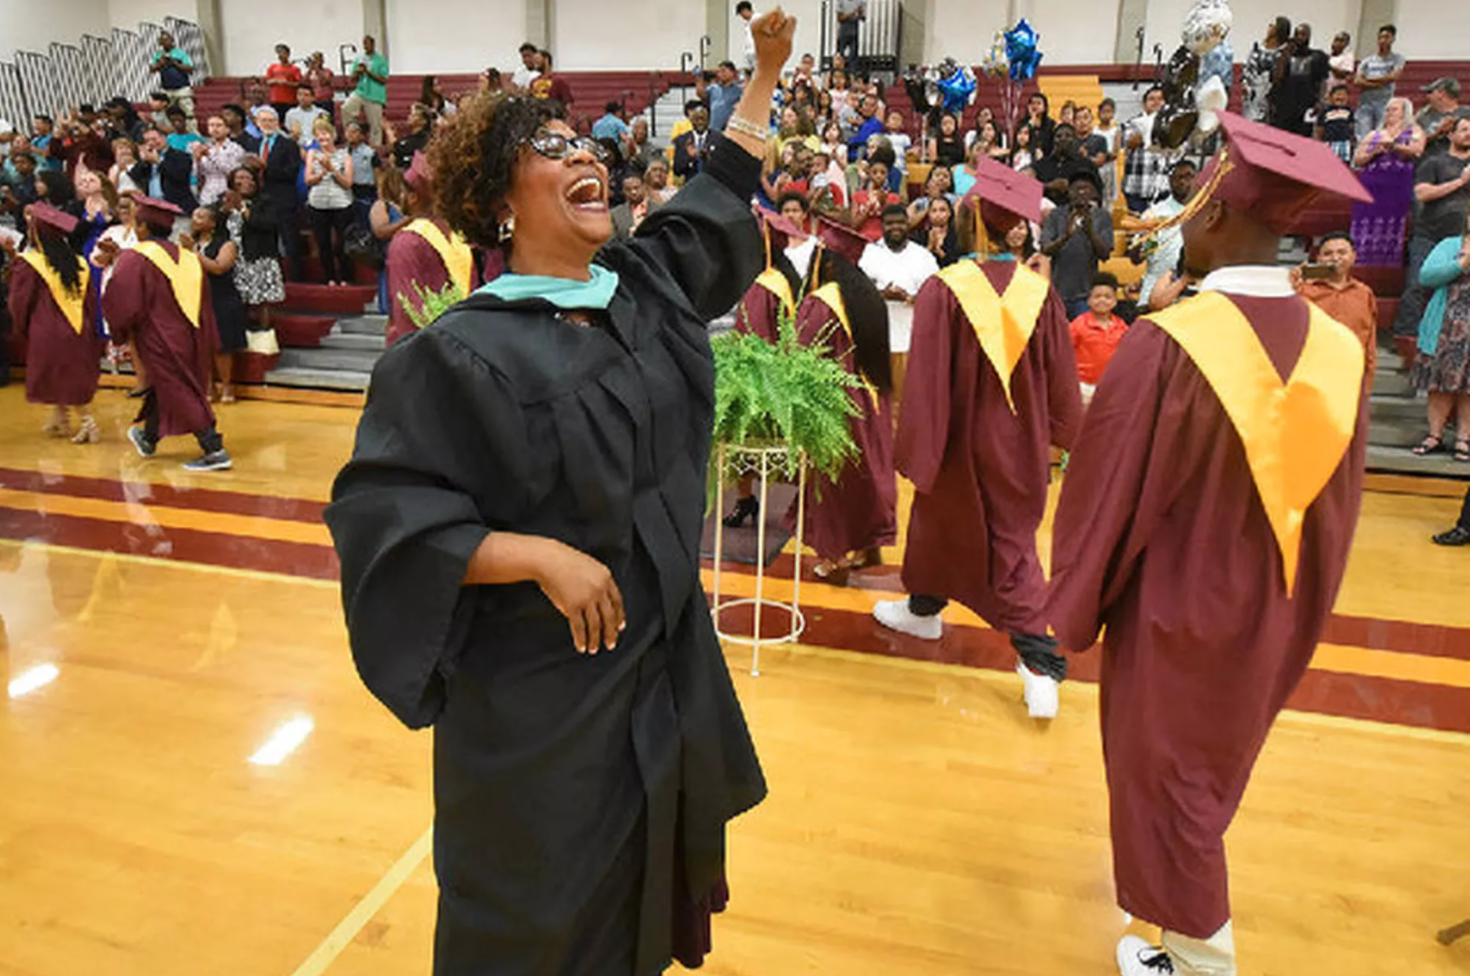 A school principal at a graduation ceremony